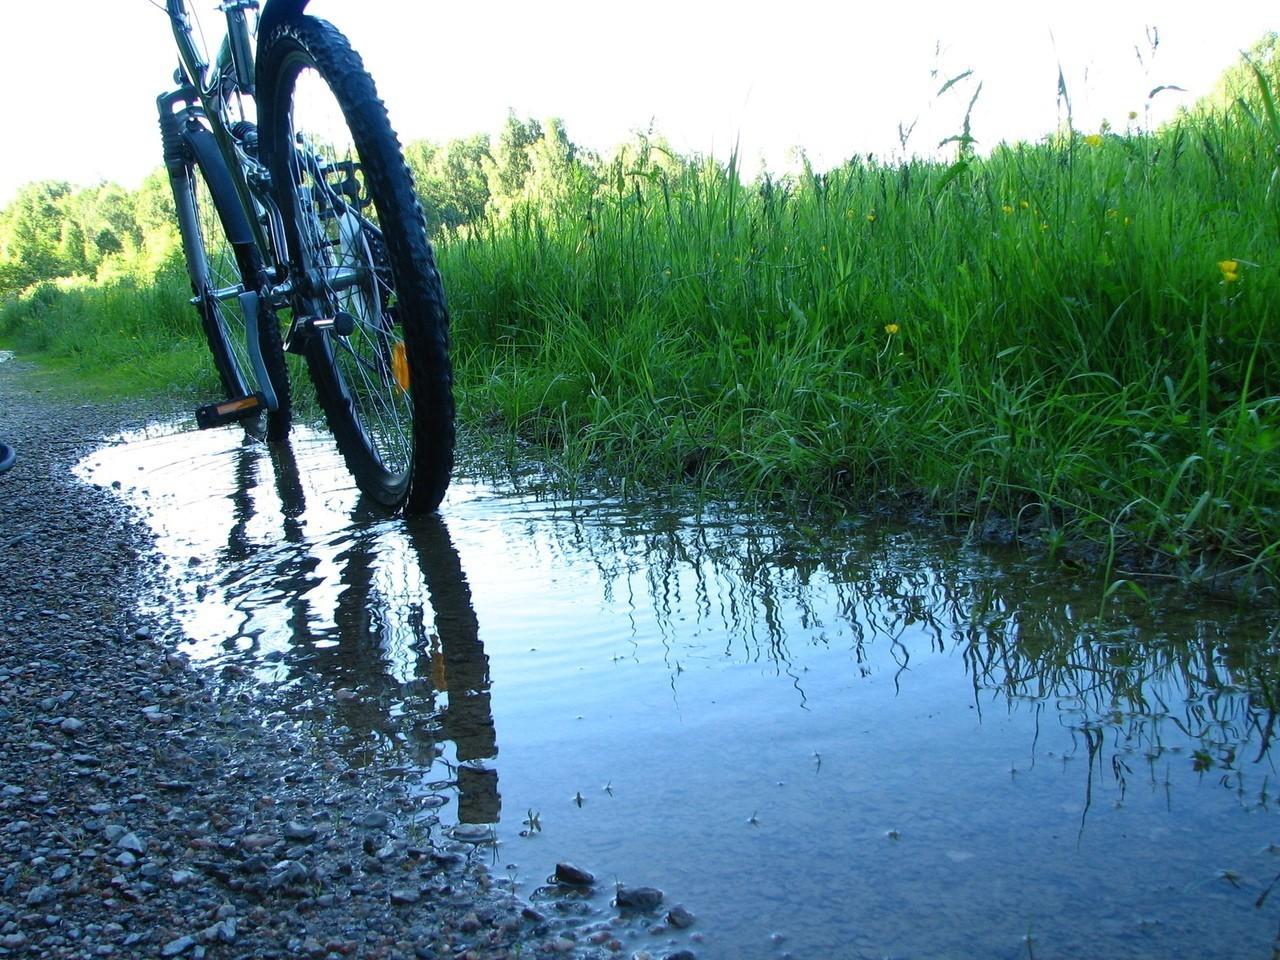 Nowocześnie zabezpieczony rower